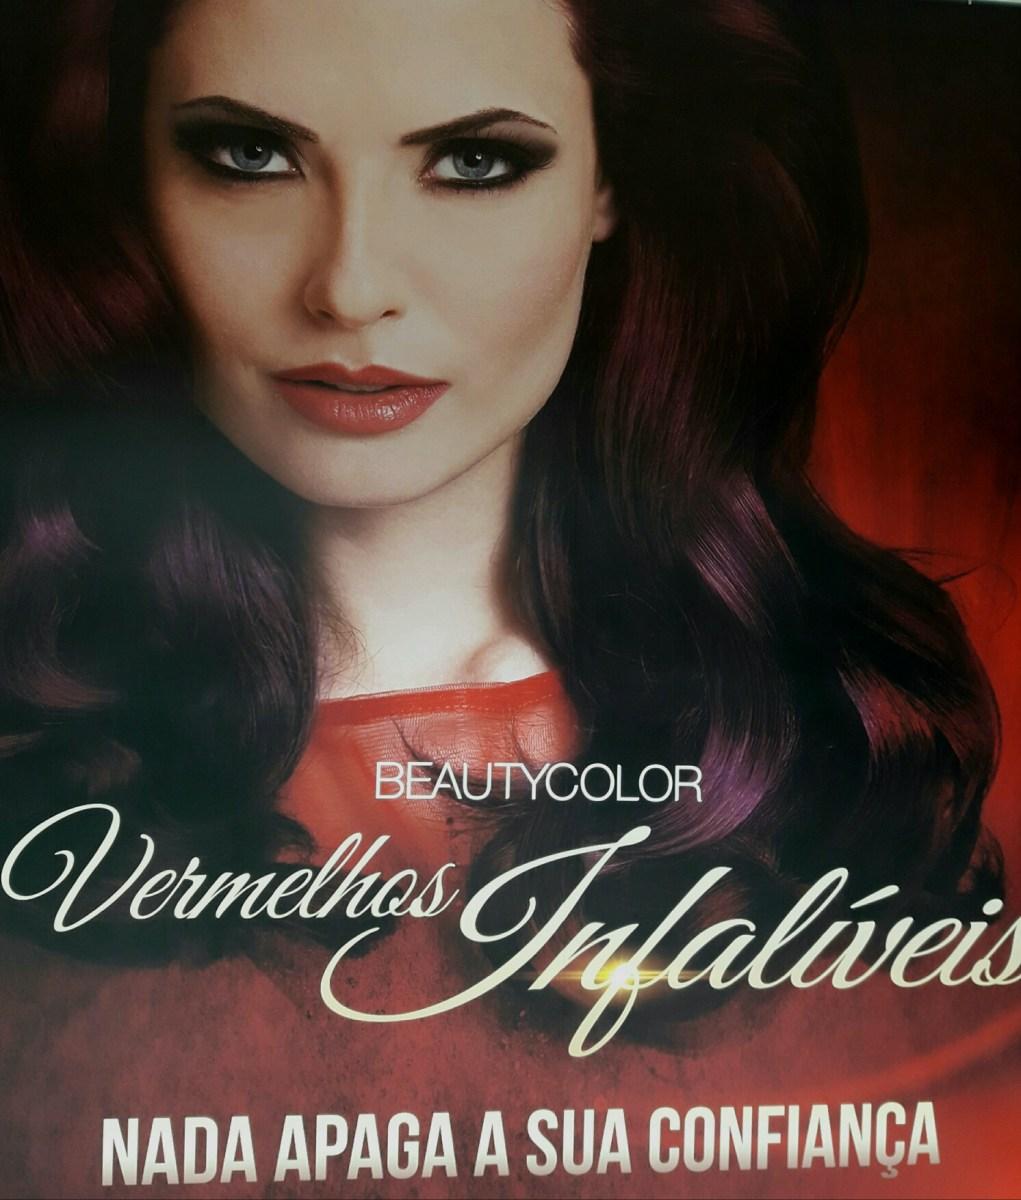 BeautyColor faz brunch para mostrar Elixir Supreme e Vermelhos Infalíveis